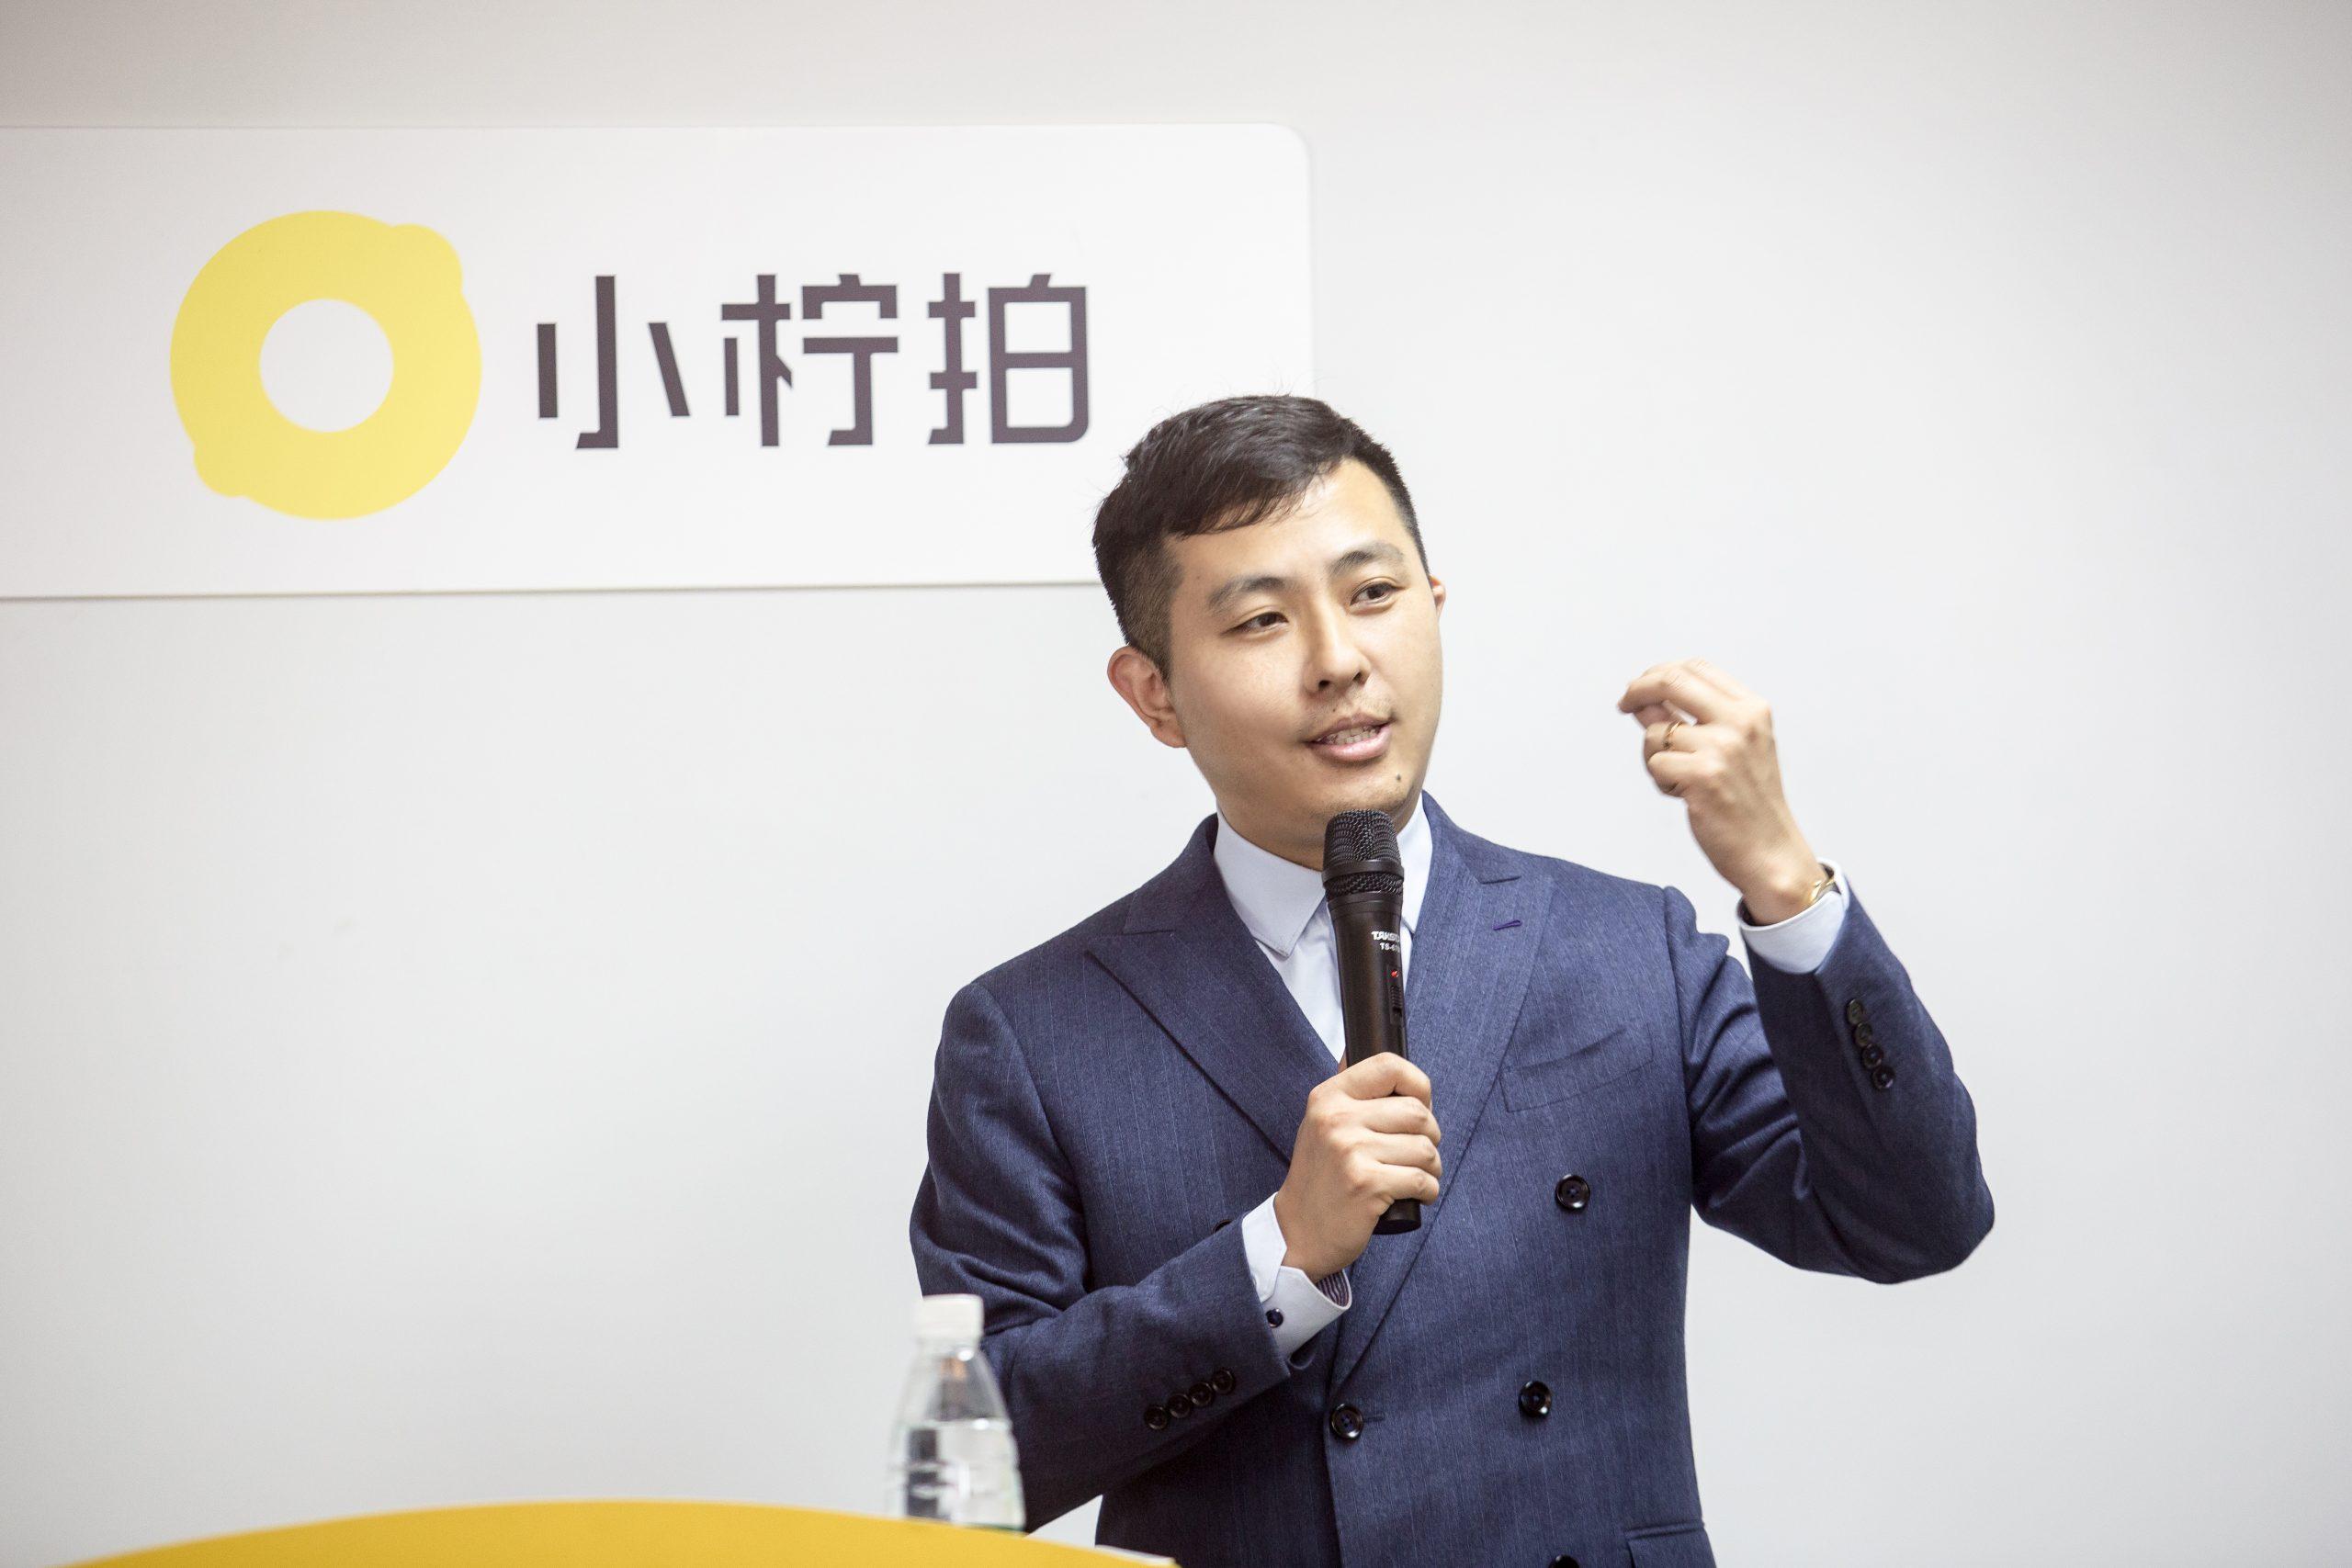 禾众汽车集团二手车总经理张月忠先生祝福小柠拍嘉兴中心启幕